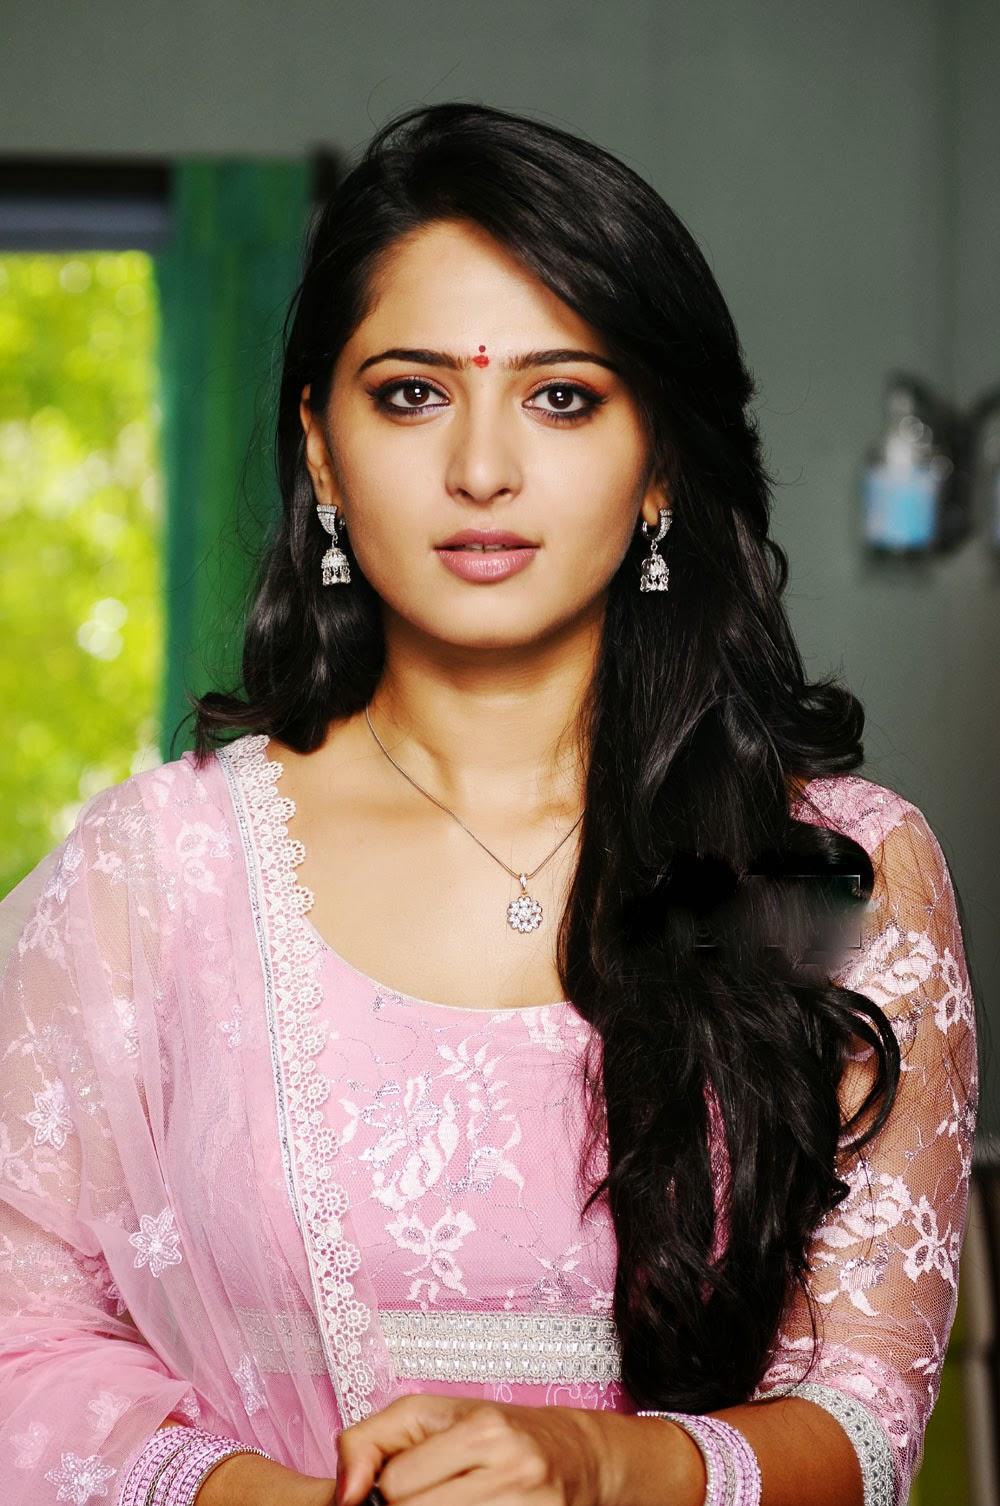 Cute Indian Actress Hd Wallpapers Oh Anushka Shetty Anushka Shetty Looking Cute In Indian